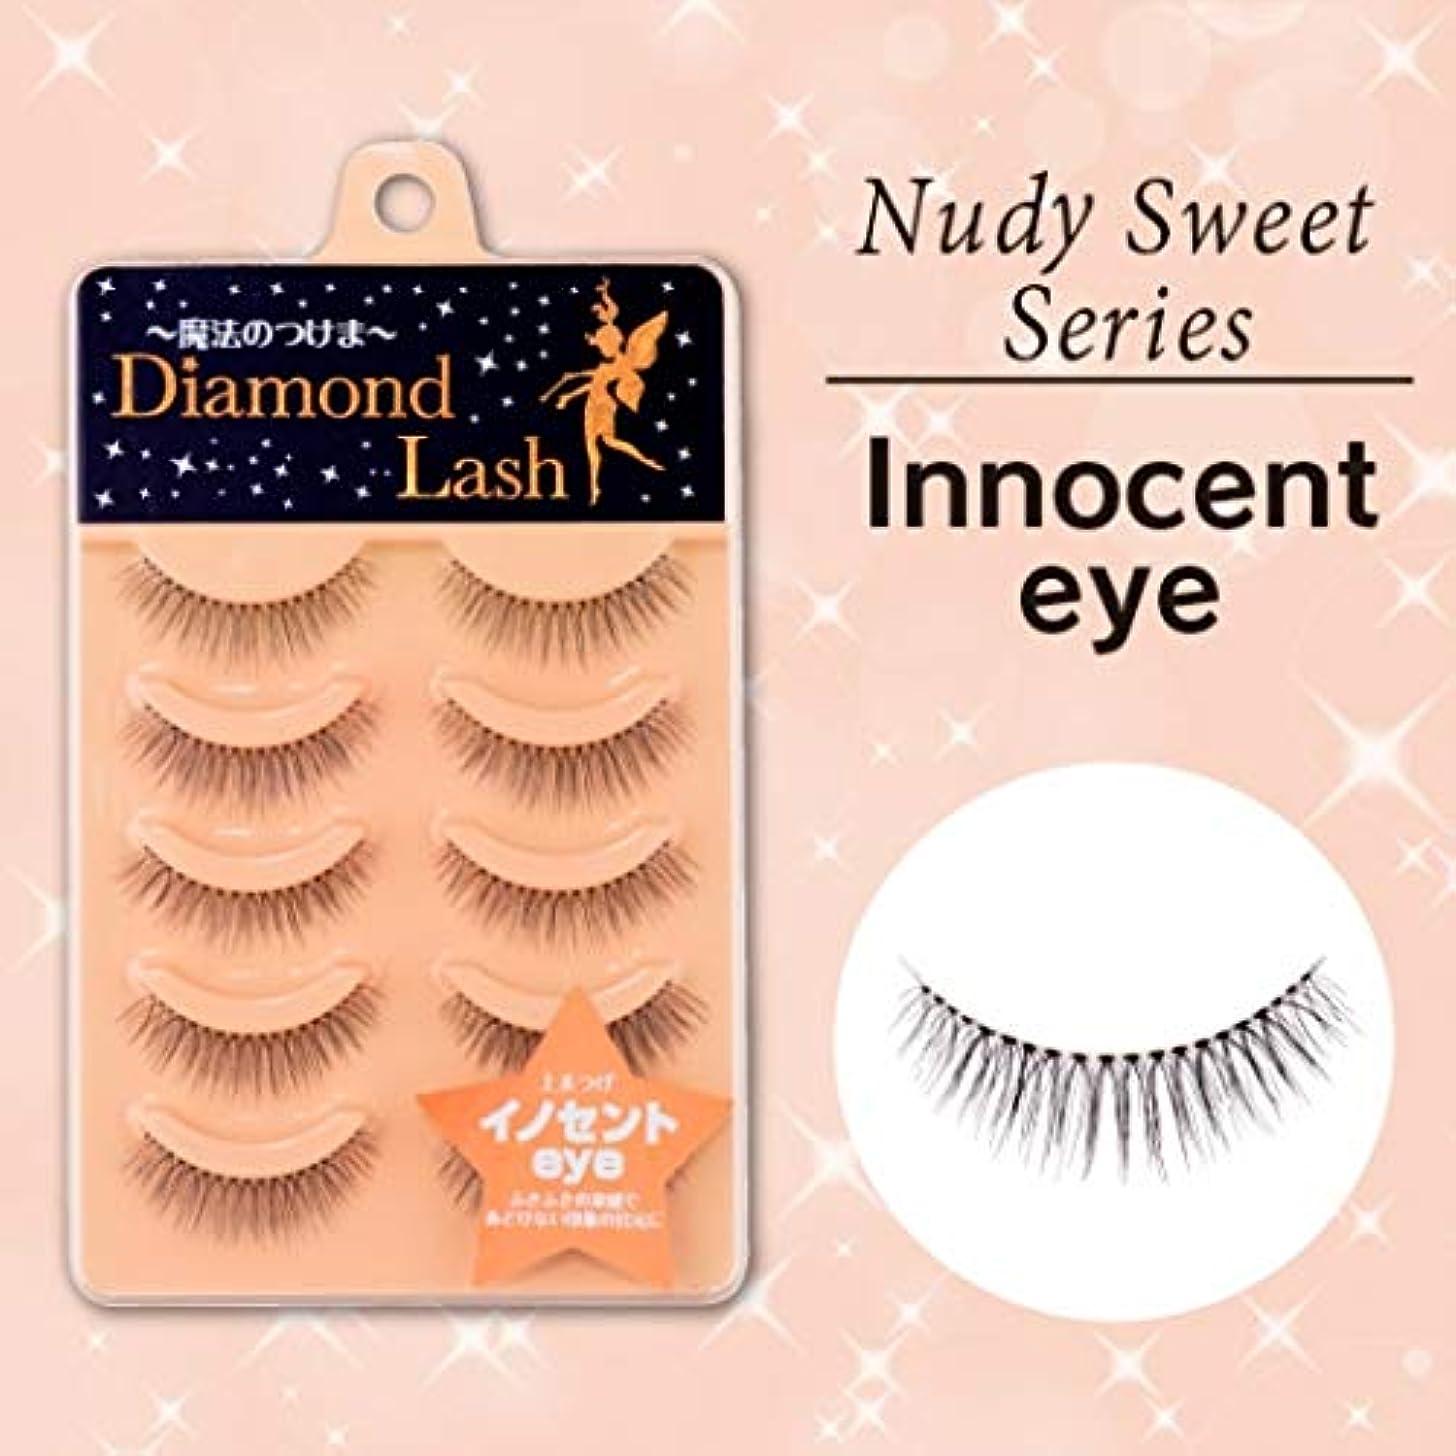 有名な進化ネックレットダイヤモンドラッシュ ヌーディスウィートシリーズ イノセントeye